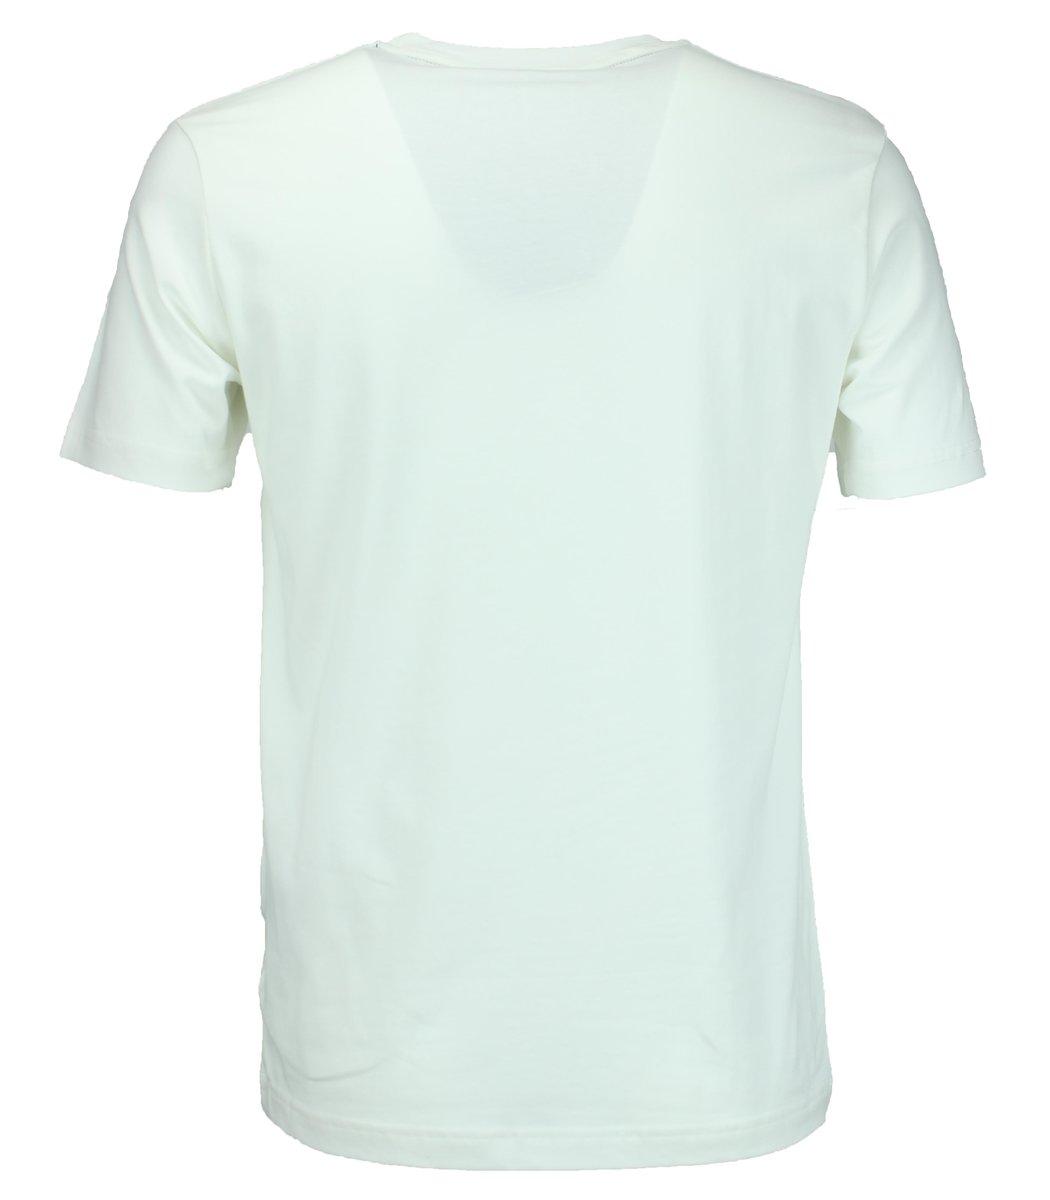 Белая футболка Tommy Hilfiger с принтом FT1